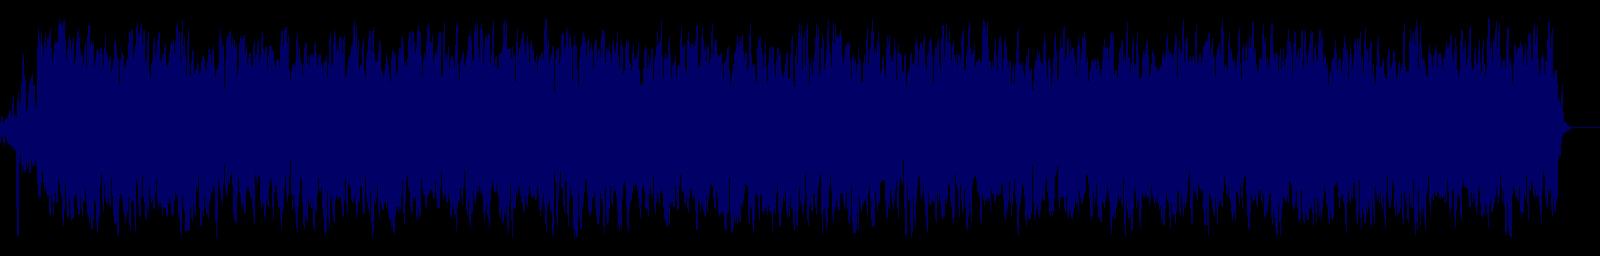 waveform of track #131853